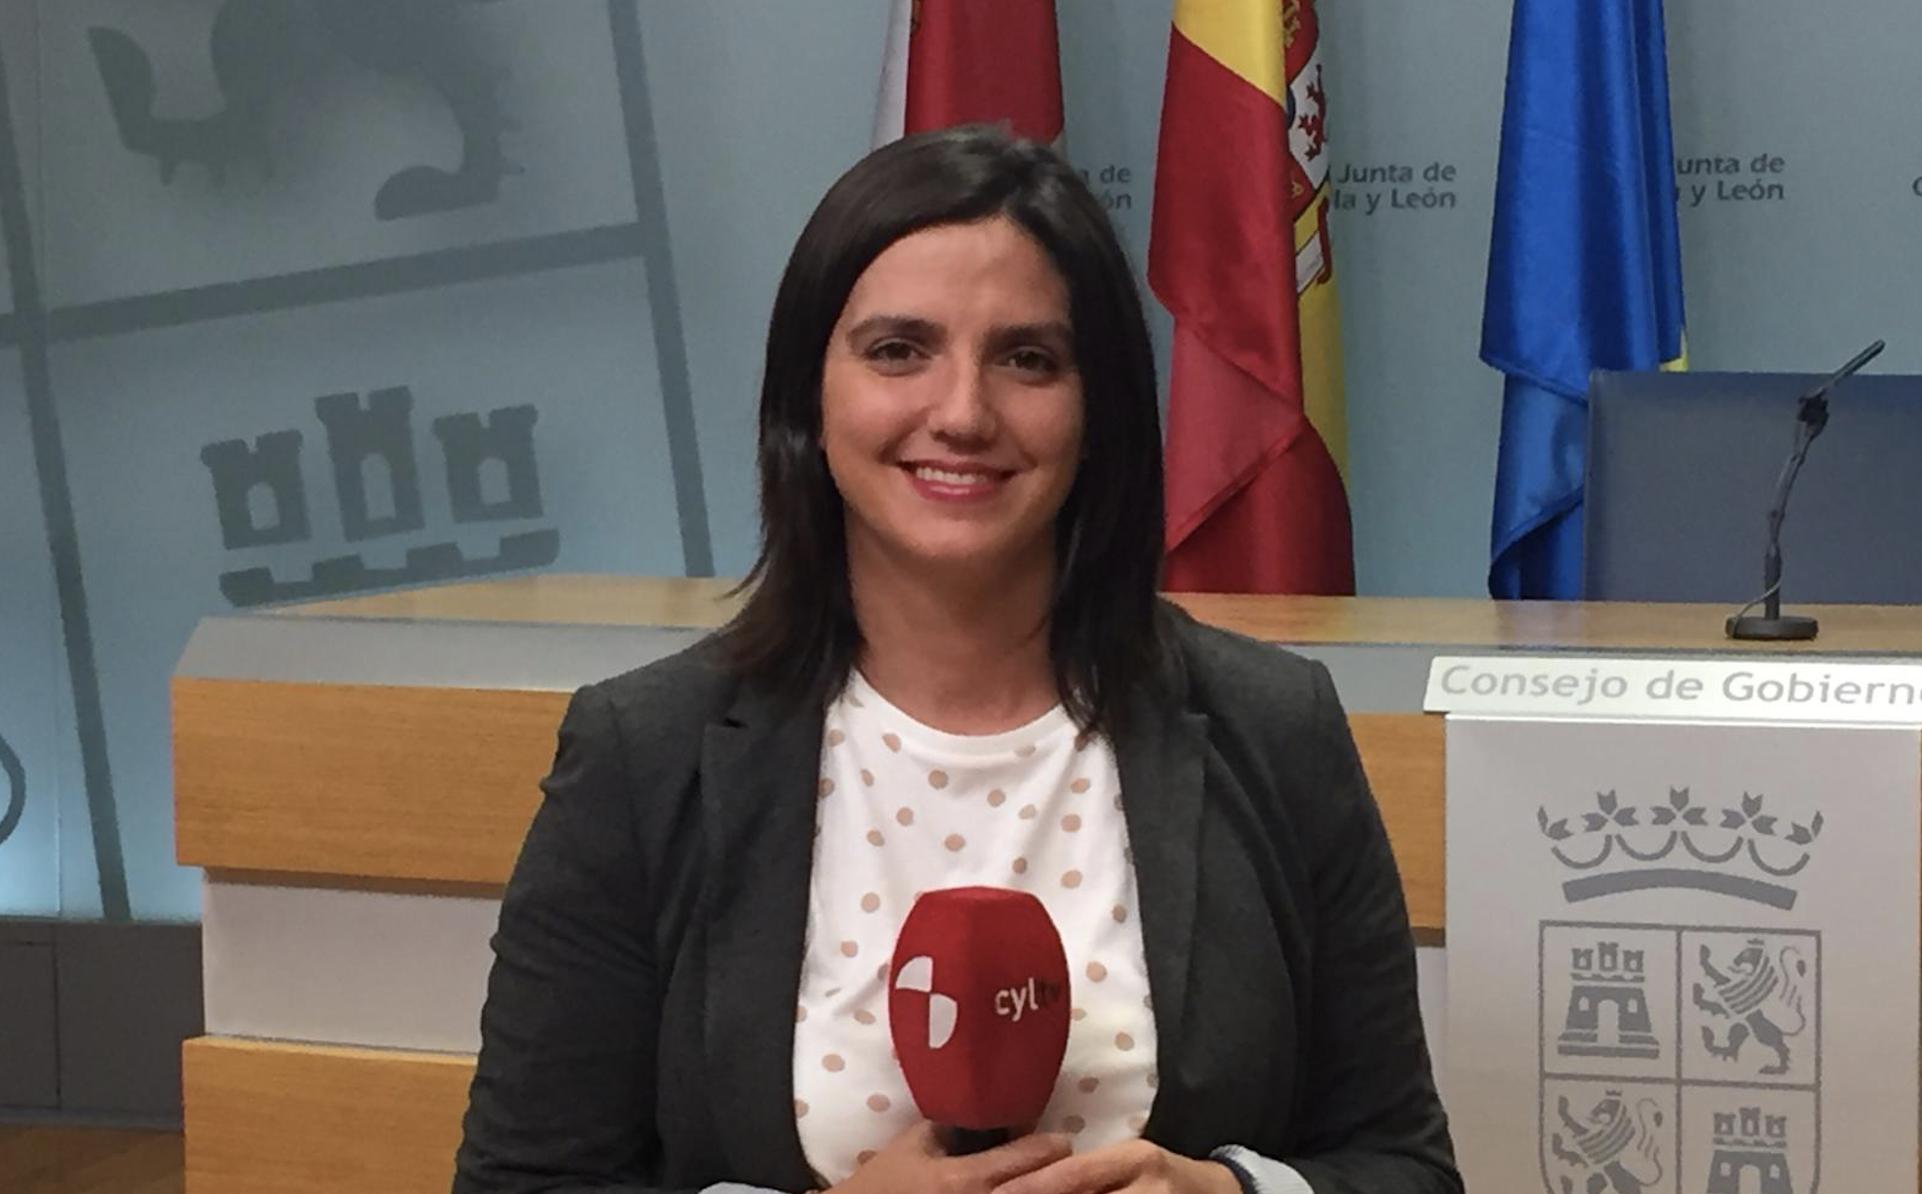 Carmen Ibañez educacion